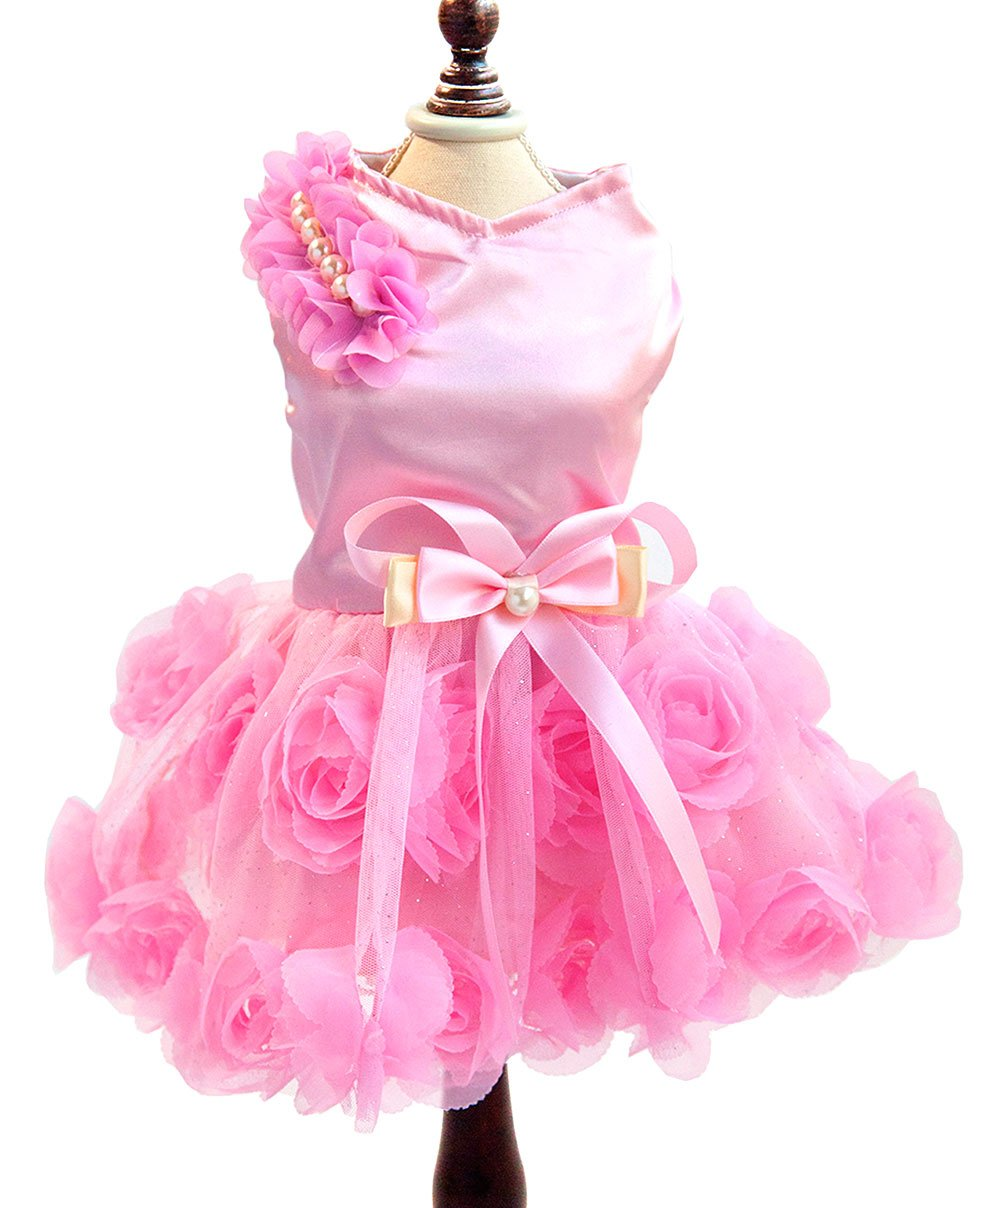 SMALLLEE LUCKY STORE Pet piccolo cucciolo di cane gatto cappotto wedding costume satin rose formale vestito tutù, taglia: XS, colore: viola SMALLLEE_LUCKY_STORE YP0173-purple-XS